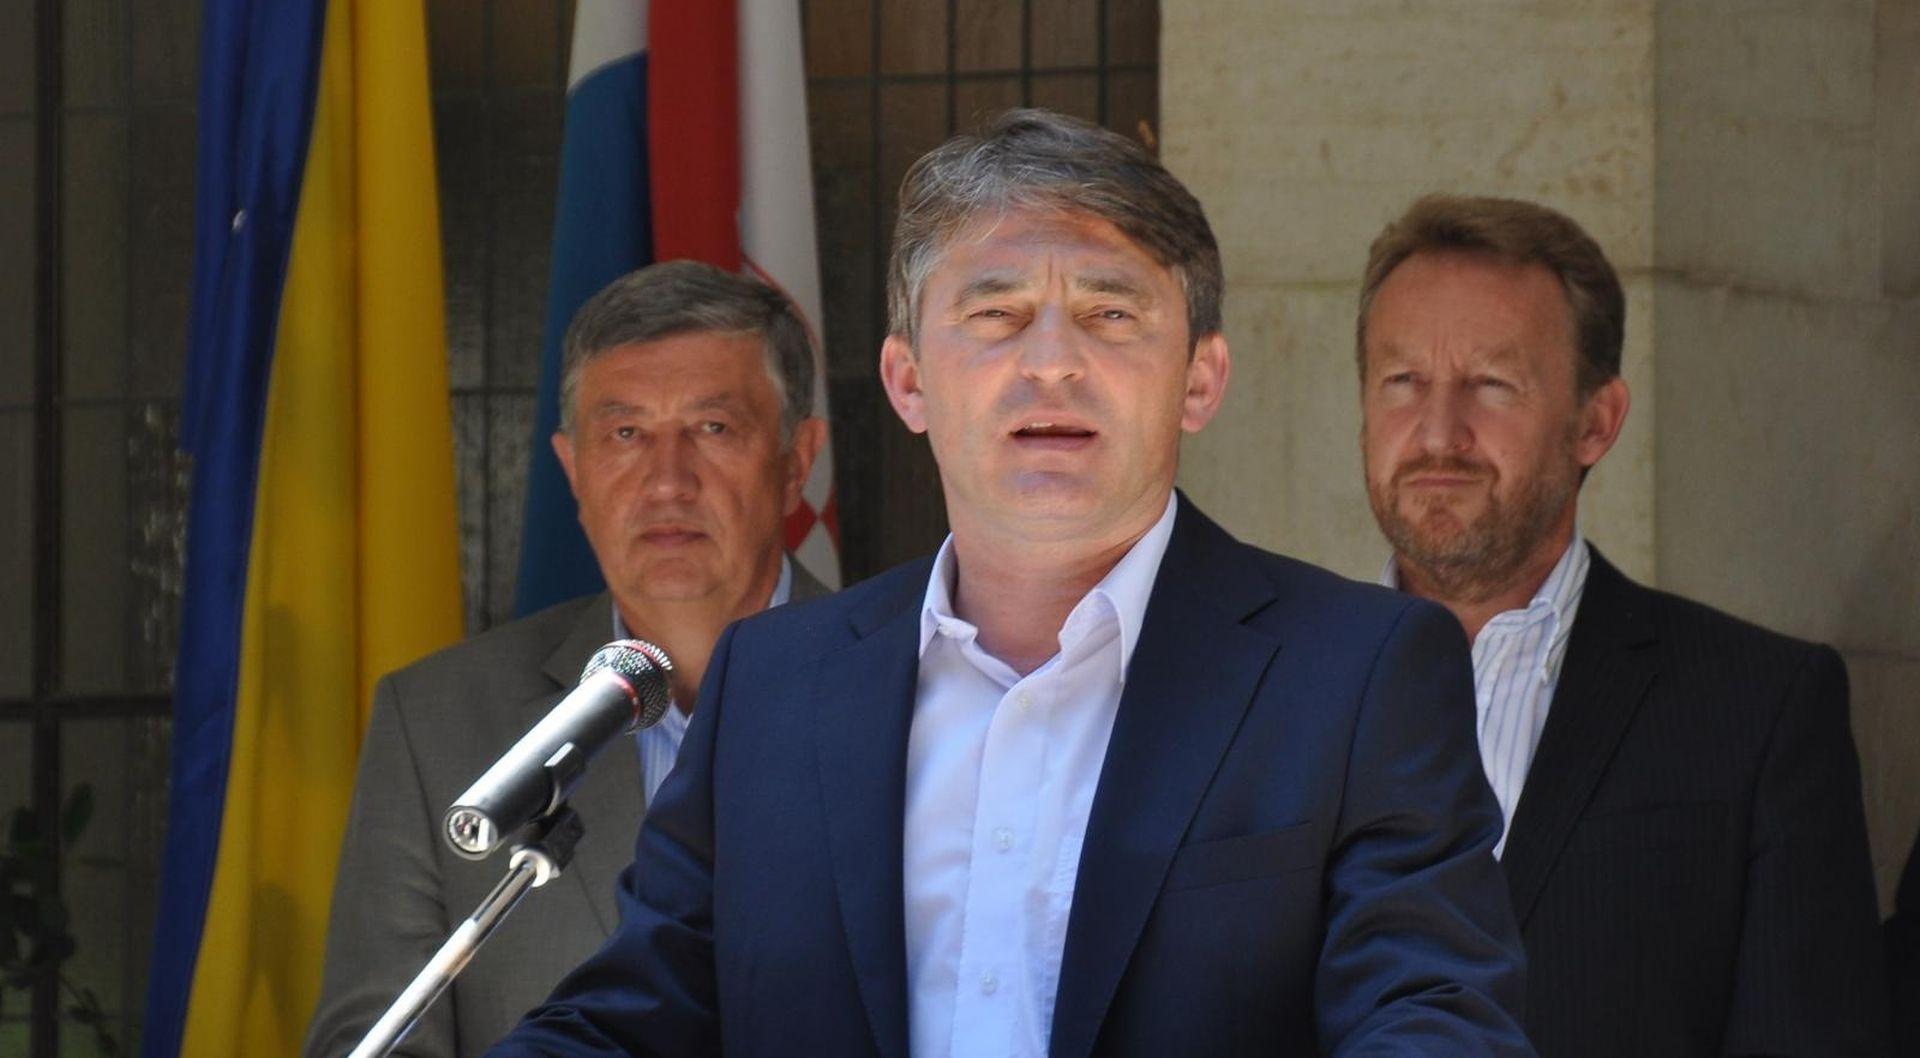 Komšić, Džaferović i Dodik novi članovi Predsjedništva BiH